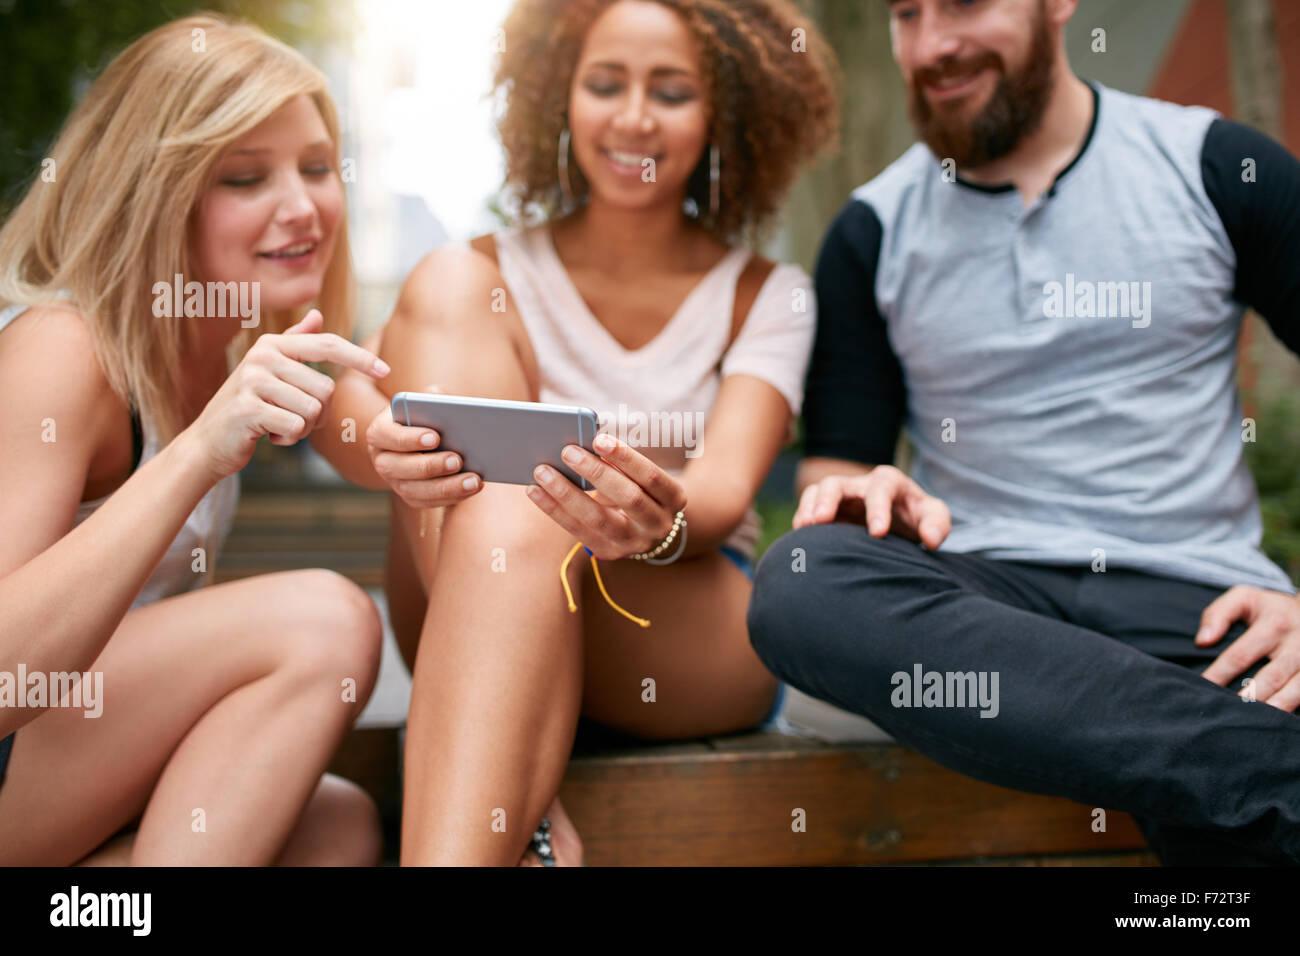 Schuss von jungen Erwachsenen, die auf der Suche etwas Interessantes auf Handy hautnah. Junge Freunde mit Handy Stockbild